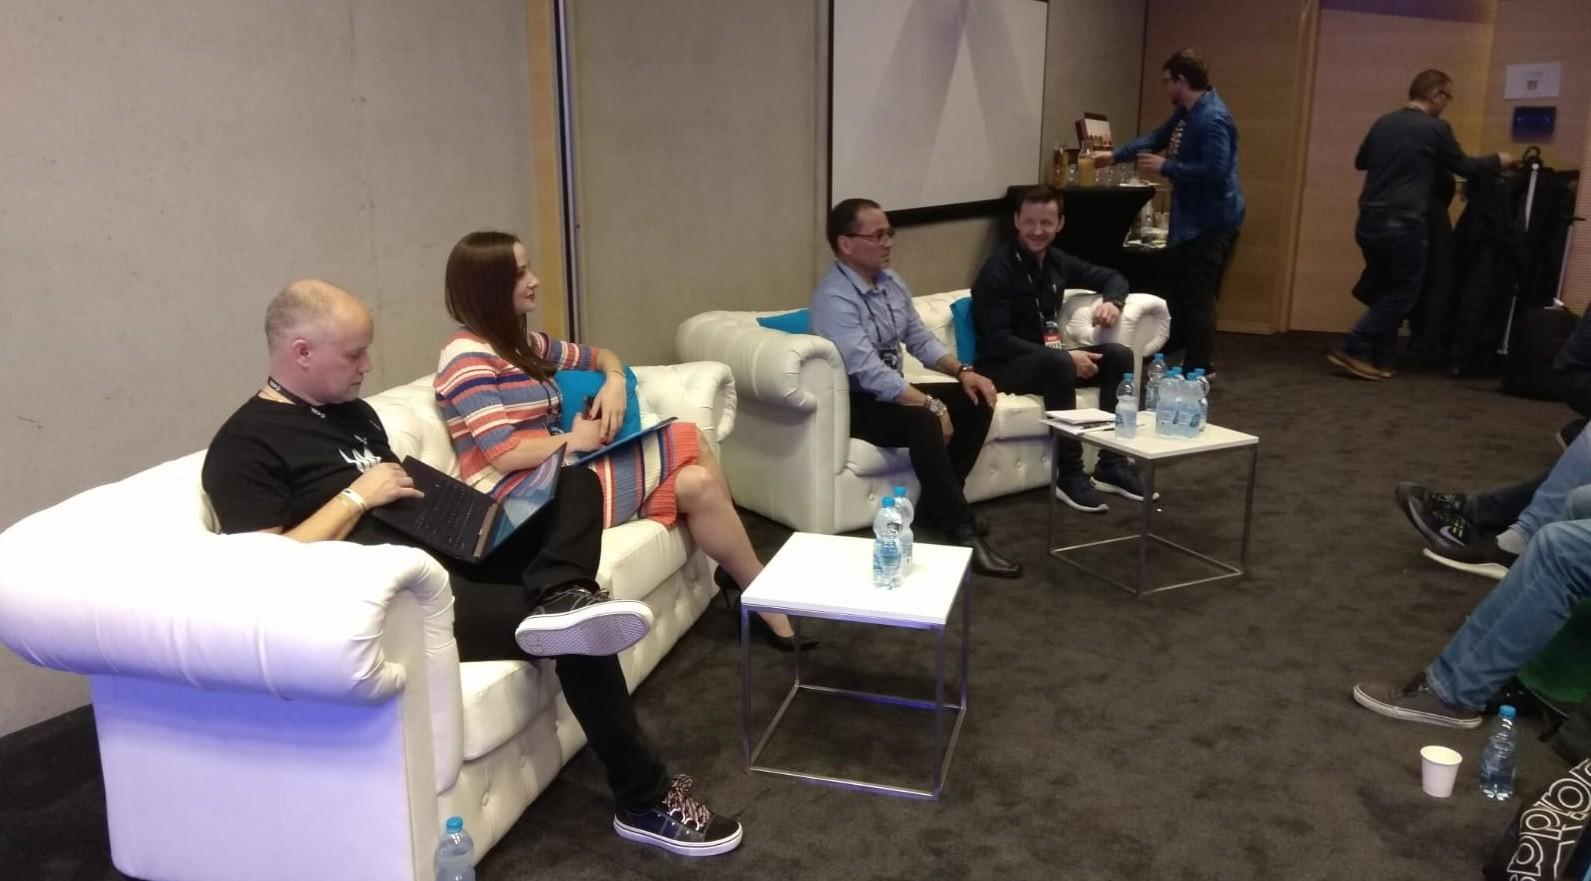 c18d551a6 El 5G y la inteligencia artificial, a debate en el futuro de los esports